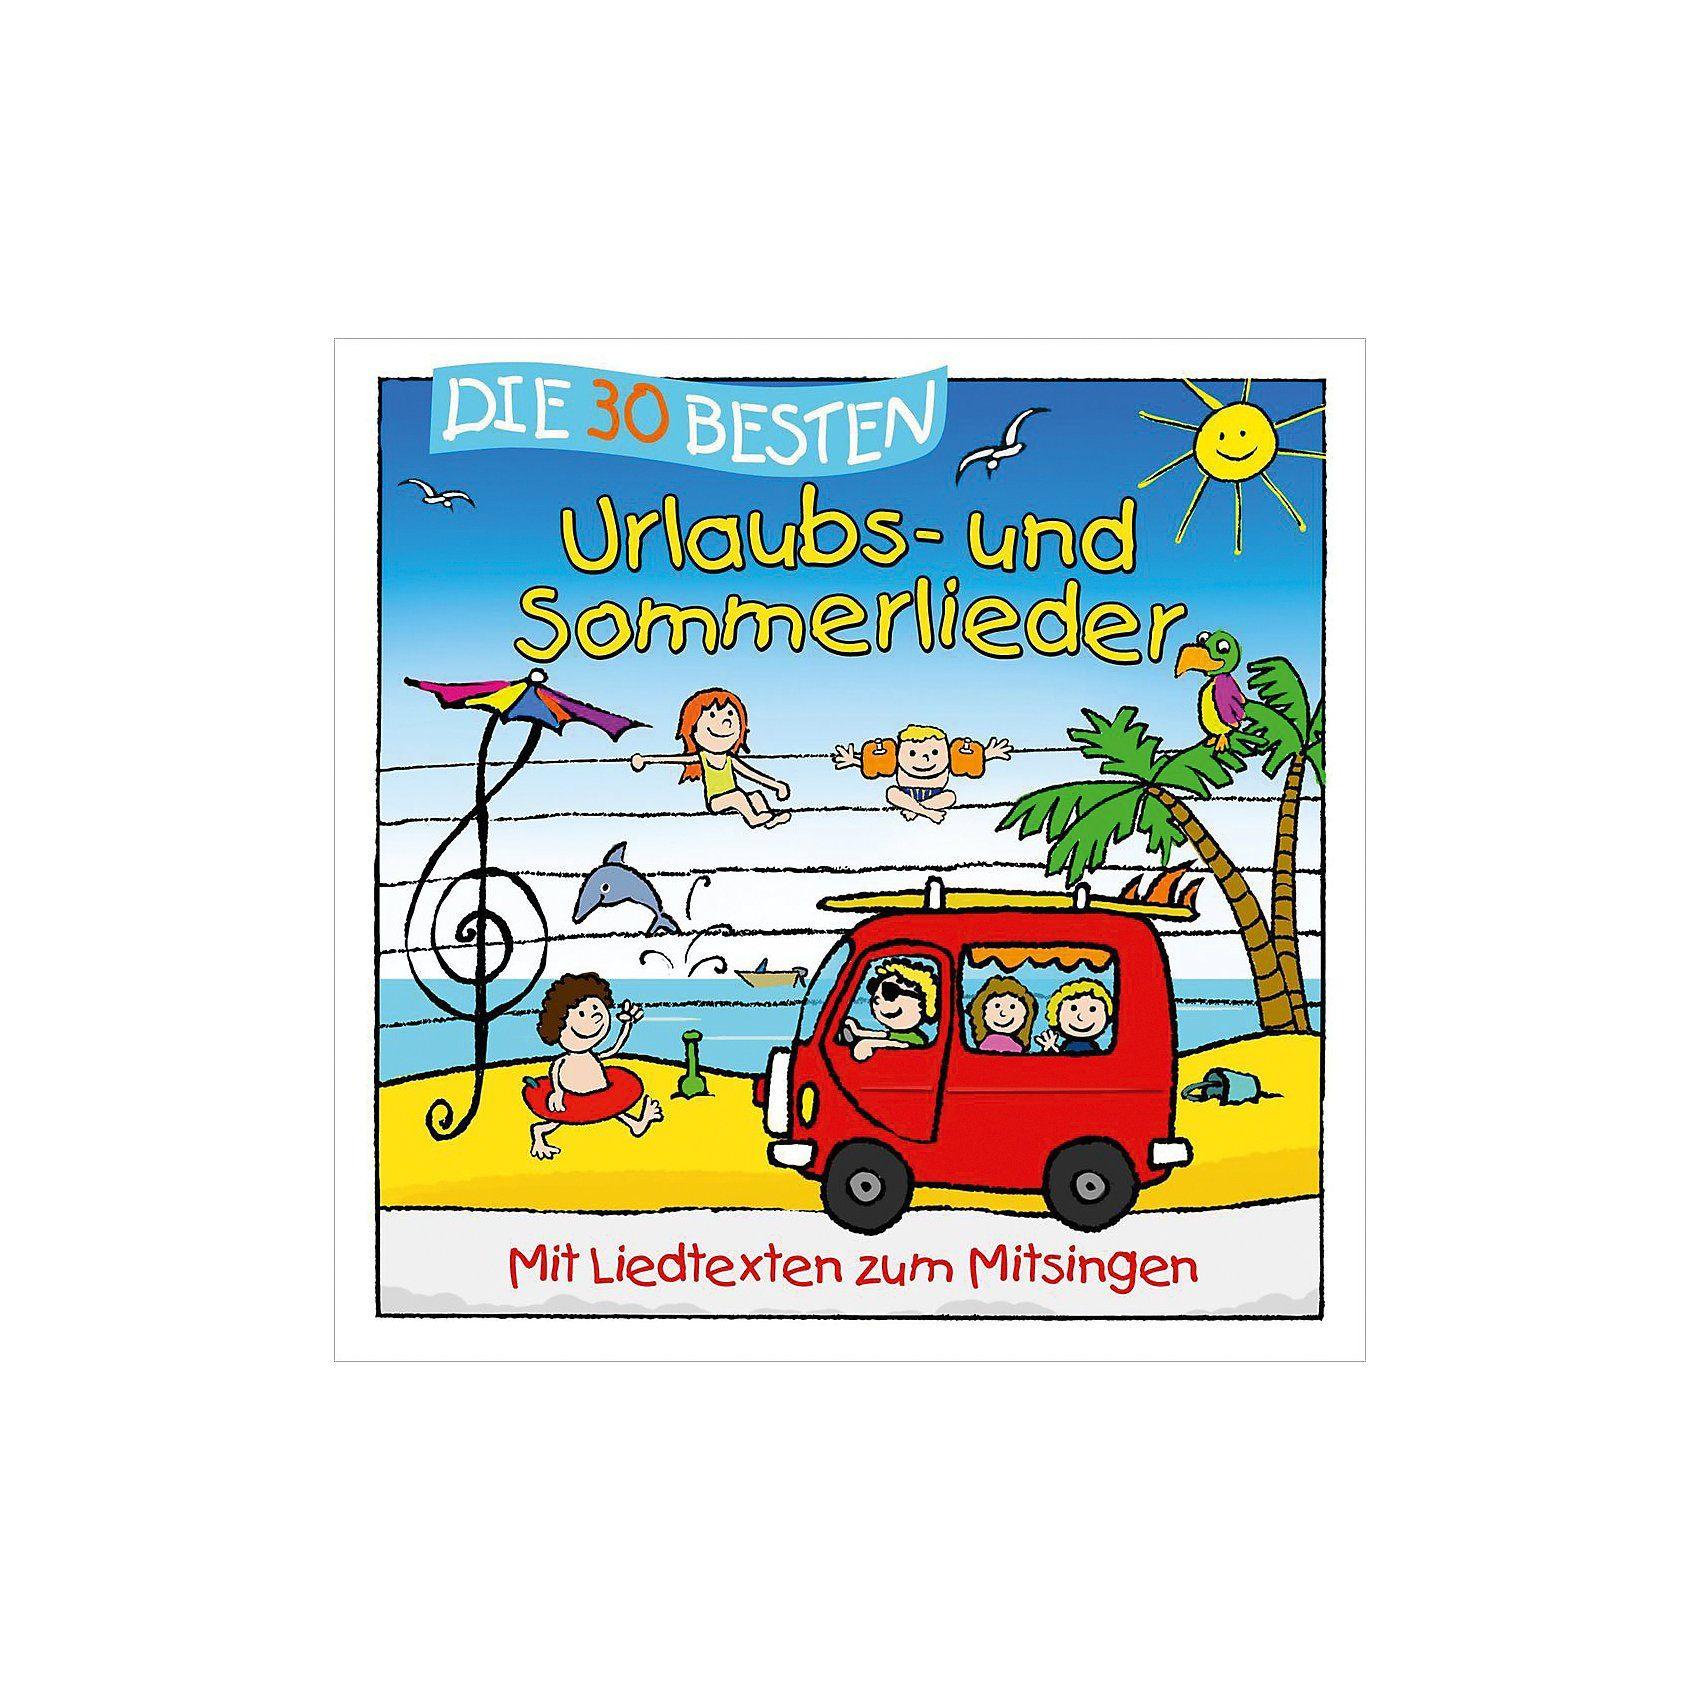 Universal CD Die 30 besten Urlaubs- und Sommerlieder